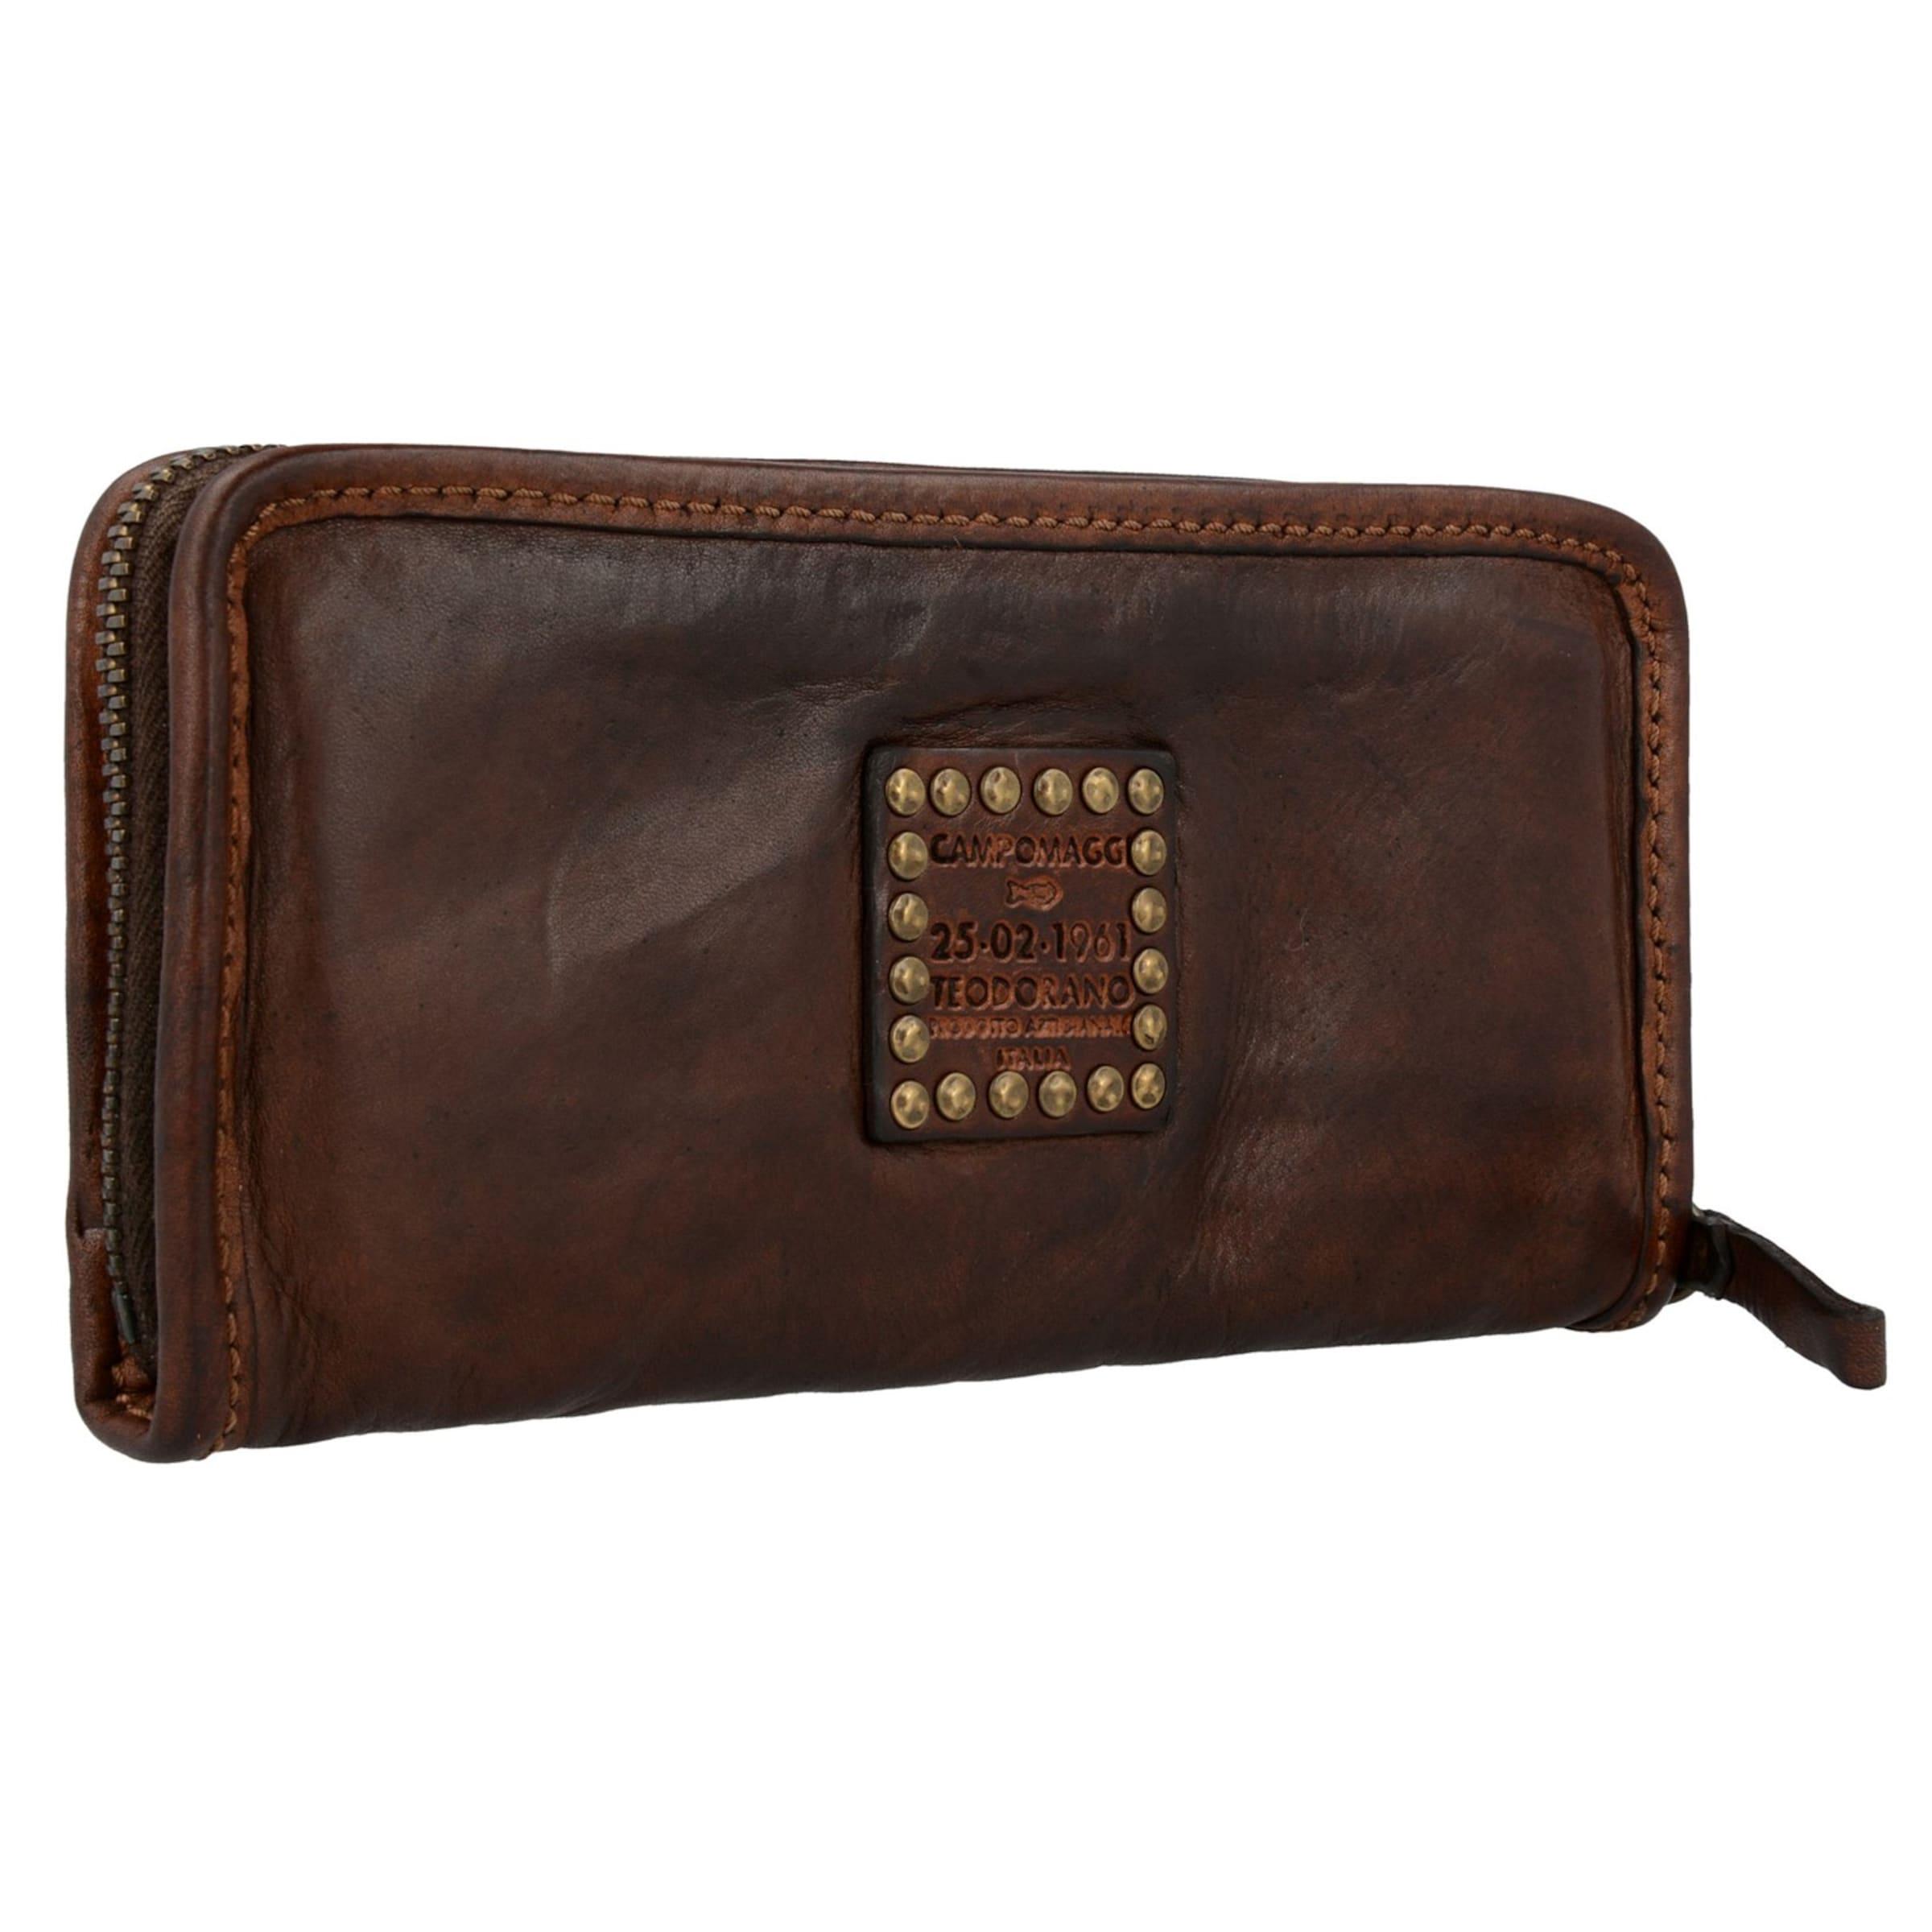 Fälschung Campomaggi Portafoglio Geldbörse Leder 21 cm Neue Stile Günstig Online Rabatt Extrem A9jJJf5bxT